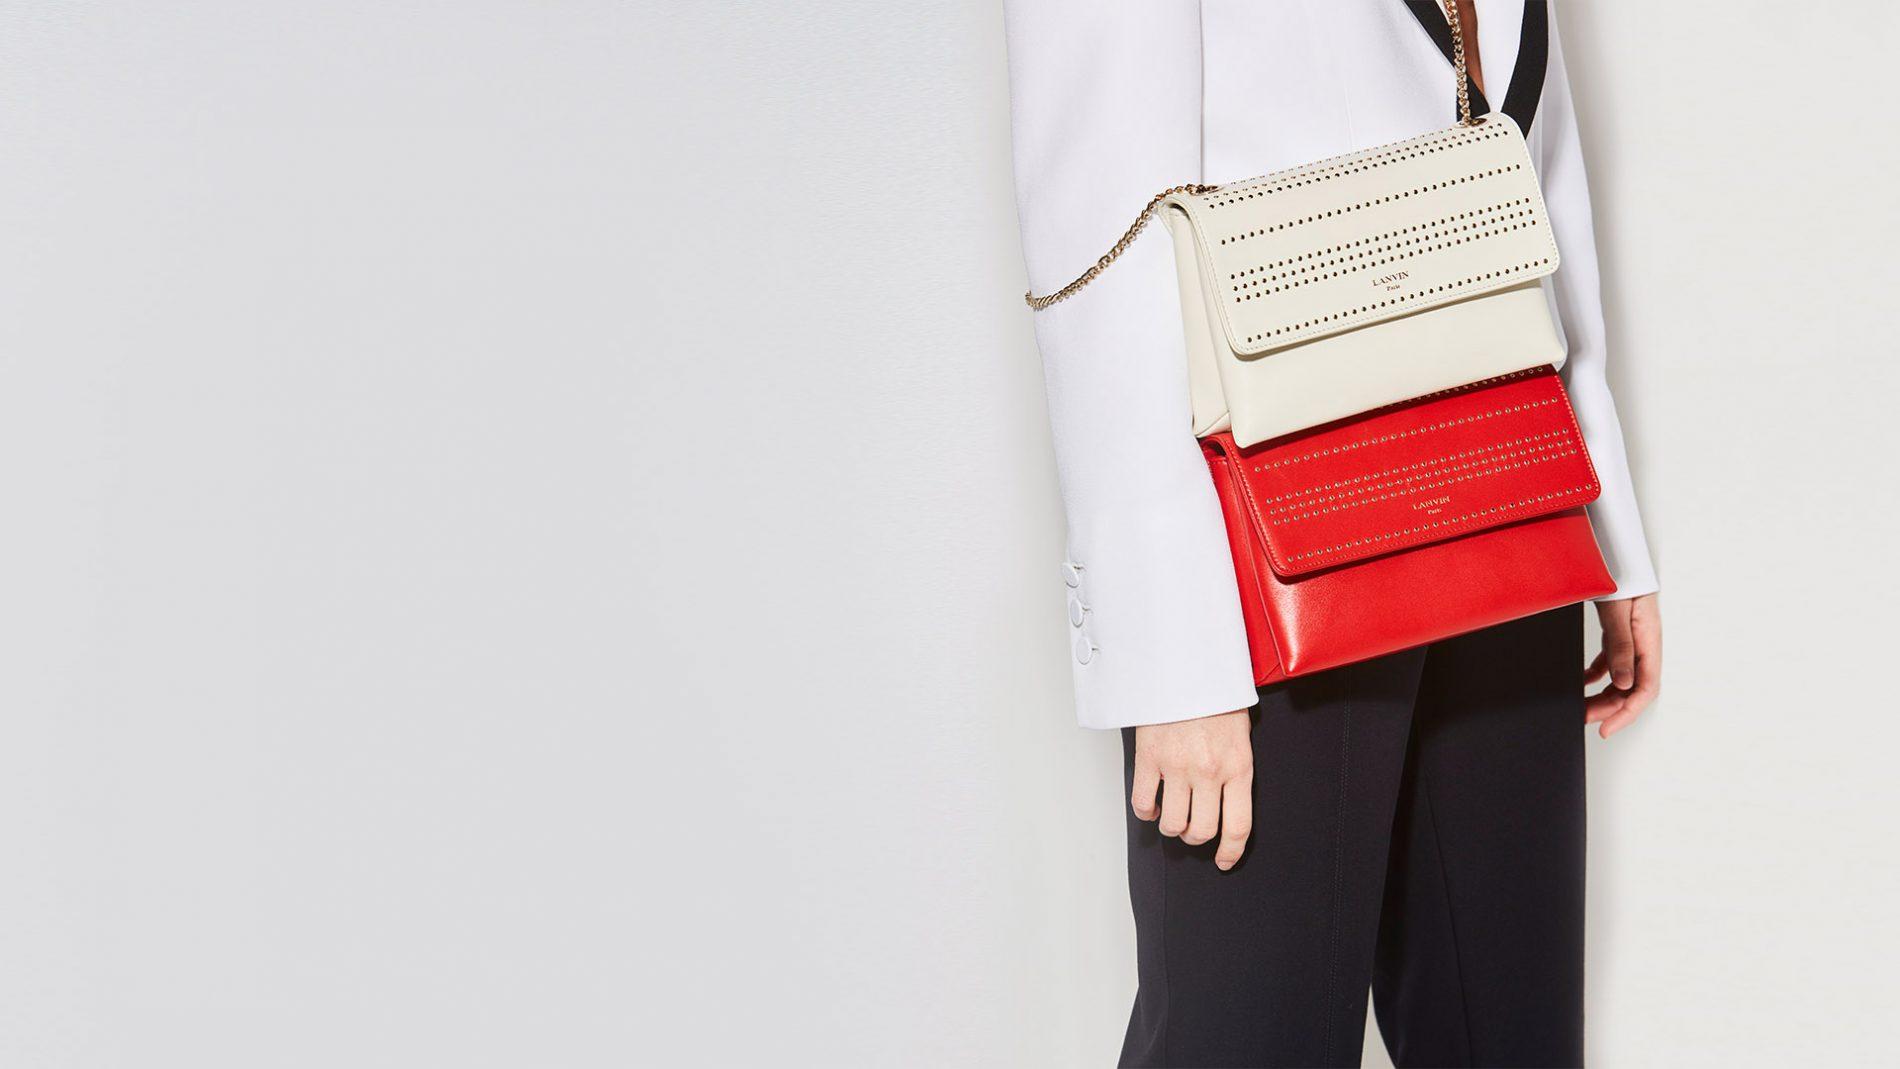 El Corte Inglés Designer Handbags Lanvin Clutch